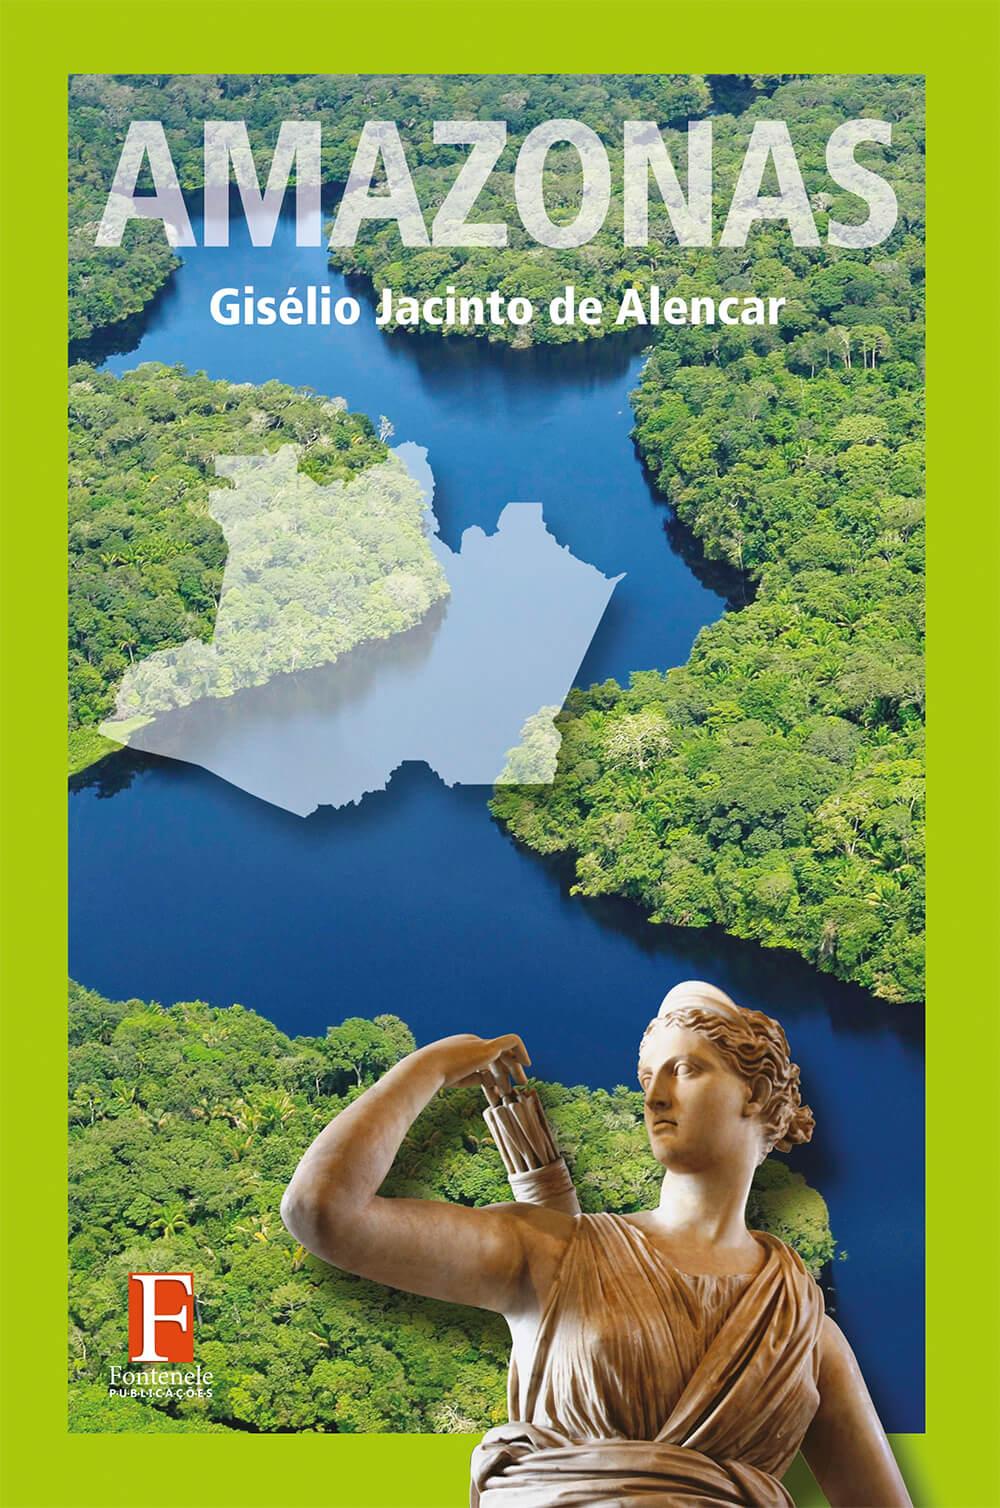 Fontenele Publicações / 11 95150-3481 / 11  95150-4383 AMAZONAS